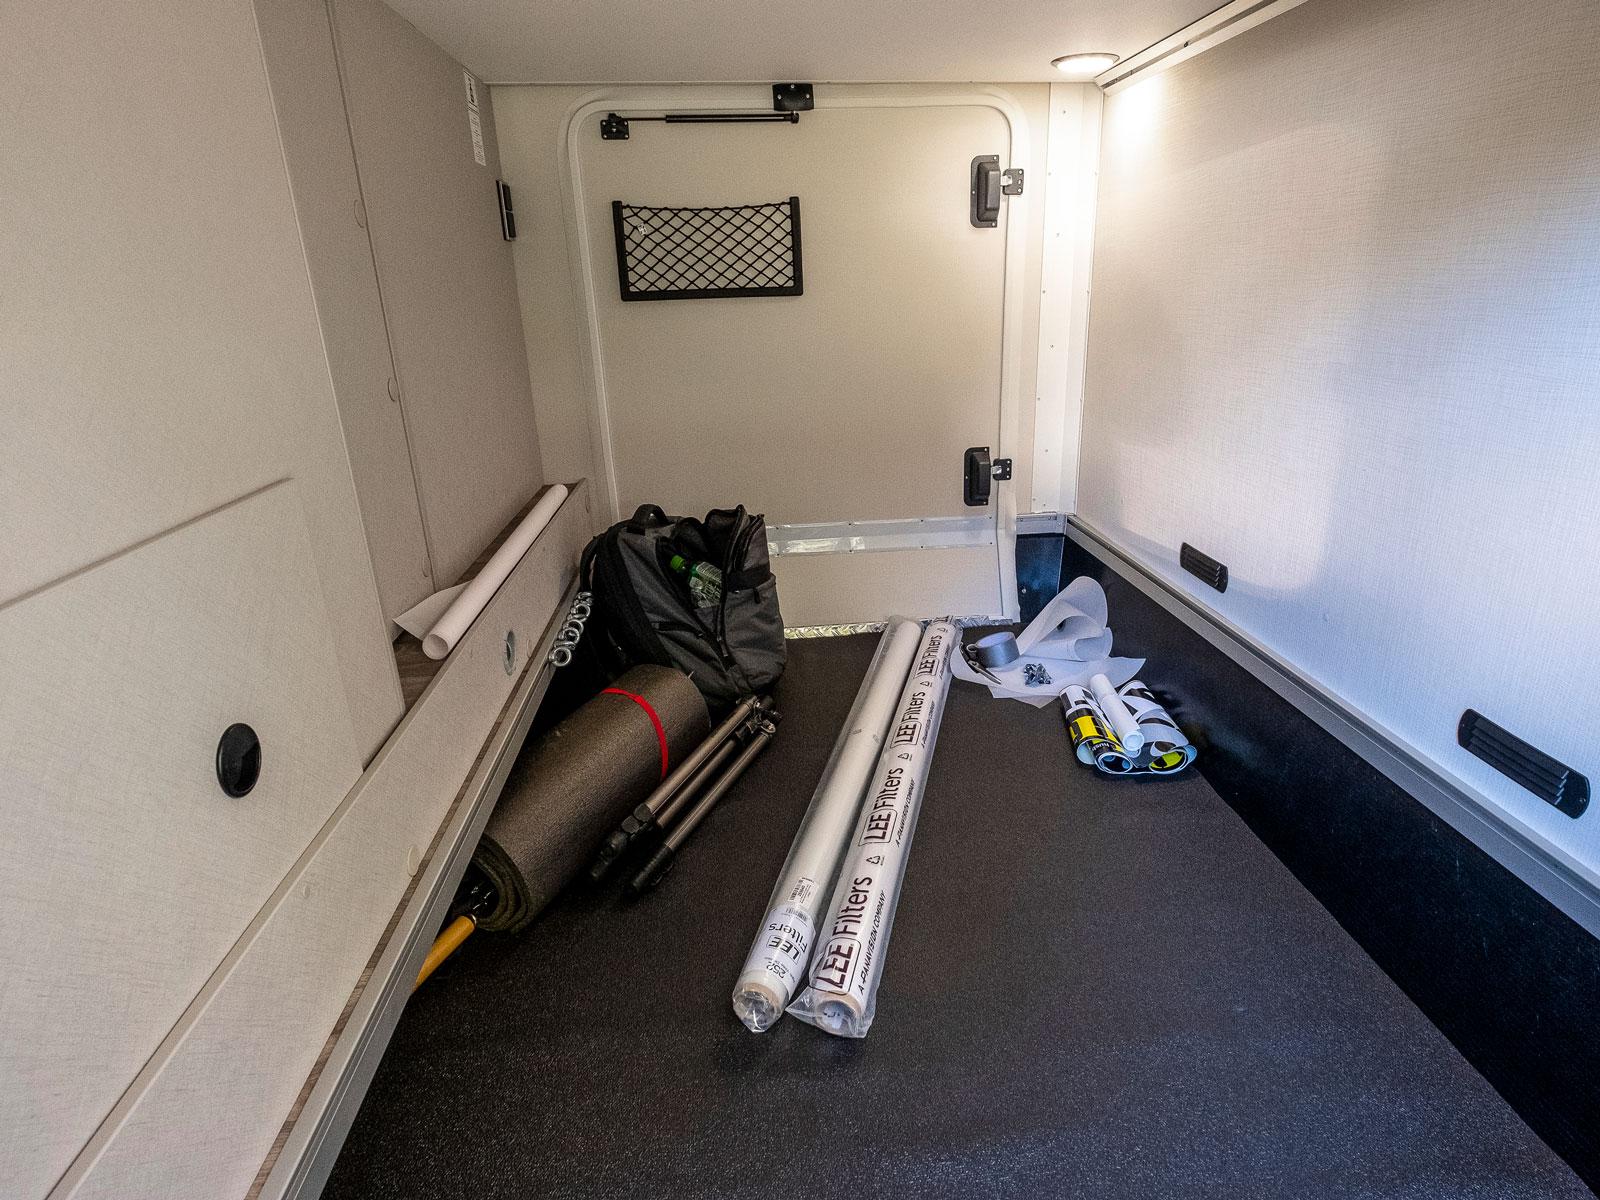 Gott om plats i det uppvärmda och belysta garaget. Det finns även lastöglor för att surra fast exempelvis en eller ett par cyklar.